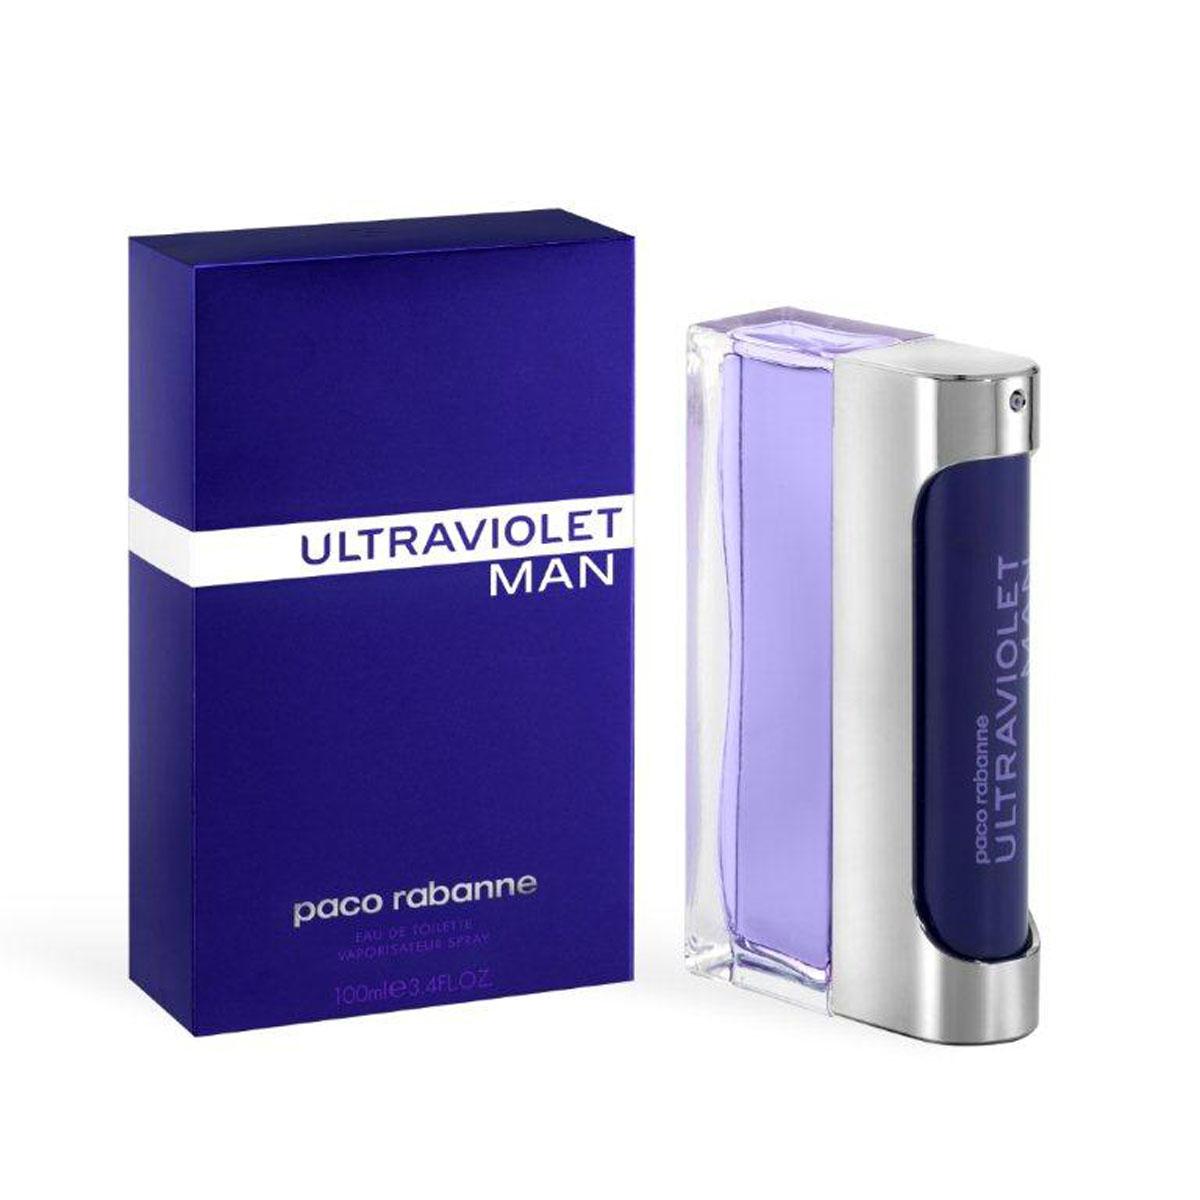 Paco Rabanne Туалетная вода Ultraviolet Man, мужская, 100 мл3349666010518Герой аромата Ultraviolet от Paco Rabanne ценит новые технологии и не боится отличаться от других. Его привлекает только лучшее. Свежий, древесный, амбровый аромат, олицетворяющий истинно мужскую чувственность, был воссоздан благодаря технологии NATURE PRINT. Сначала аромат раскладывают на молекулы и анализируют, затем идентифицируют и с точностью воссоздают наиболее чистые, устойчивые, лучшие ноты. Начальные ноты аромата – это жидкая мята. Ноты сердца звучат органическим ветивером и кристаллическим мхом. Базовые ноты – это серая амбра.Верхняя нота: Русский кориандр, итальянская мята.Средняя нота: Черный перец из Танзании, серая амбра.Шлейф: Пачули из Индонезии, дубовый мох.Руский кориандр, итальянская мята - яркие неземные аккорды аромата.